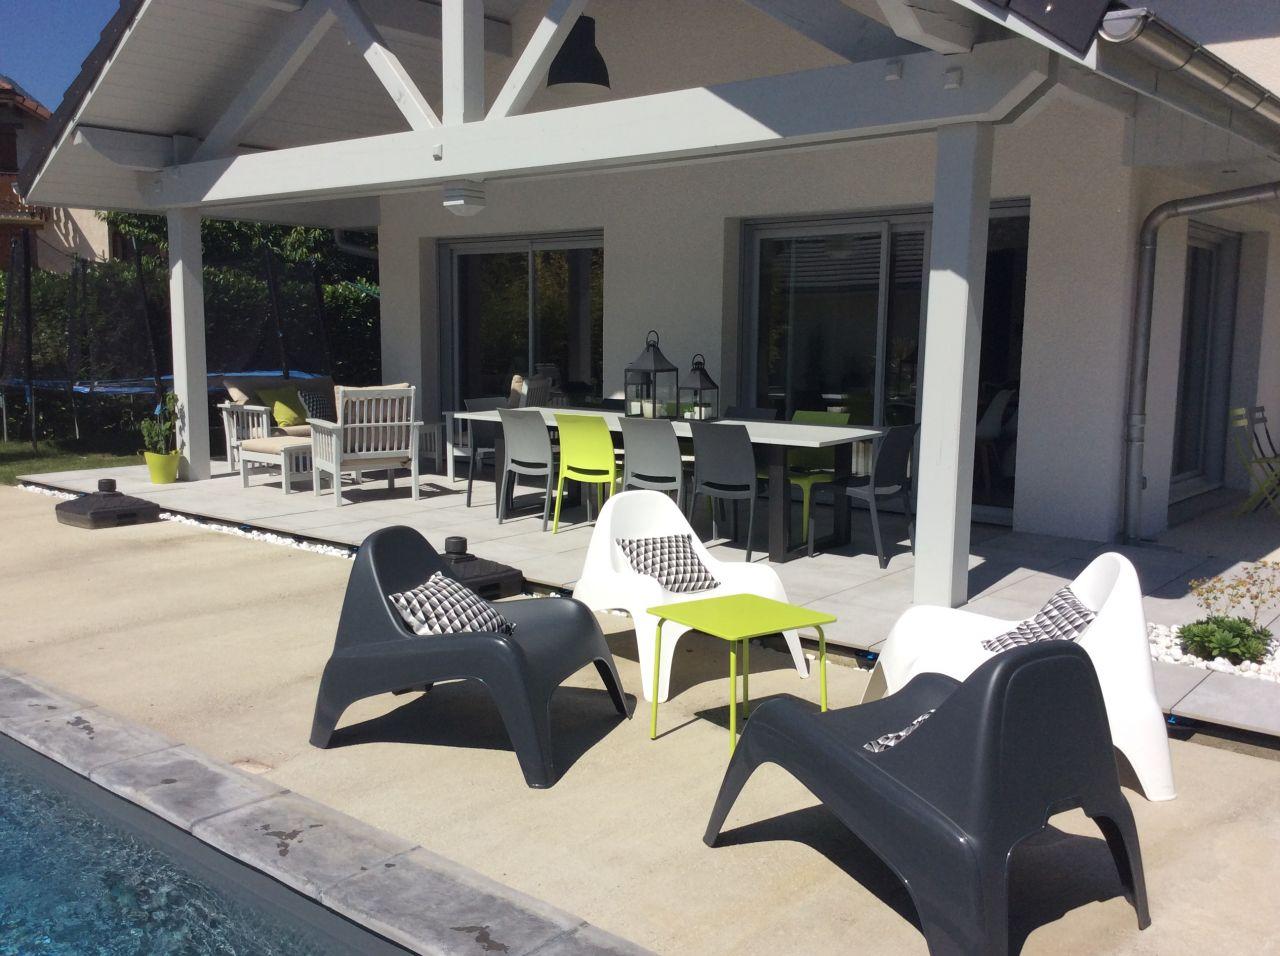 salon de jardin carrefour hyba jardin. Black Bedroom Furniture Sets. Home Design Ideas